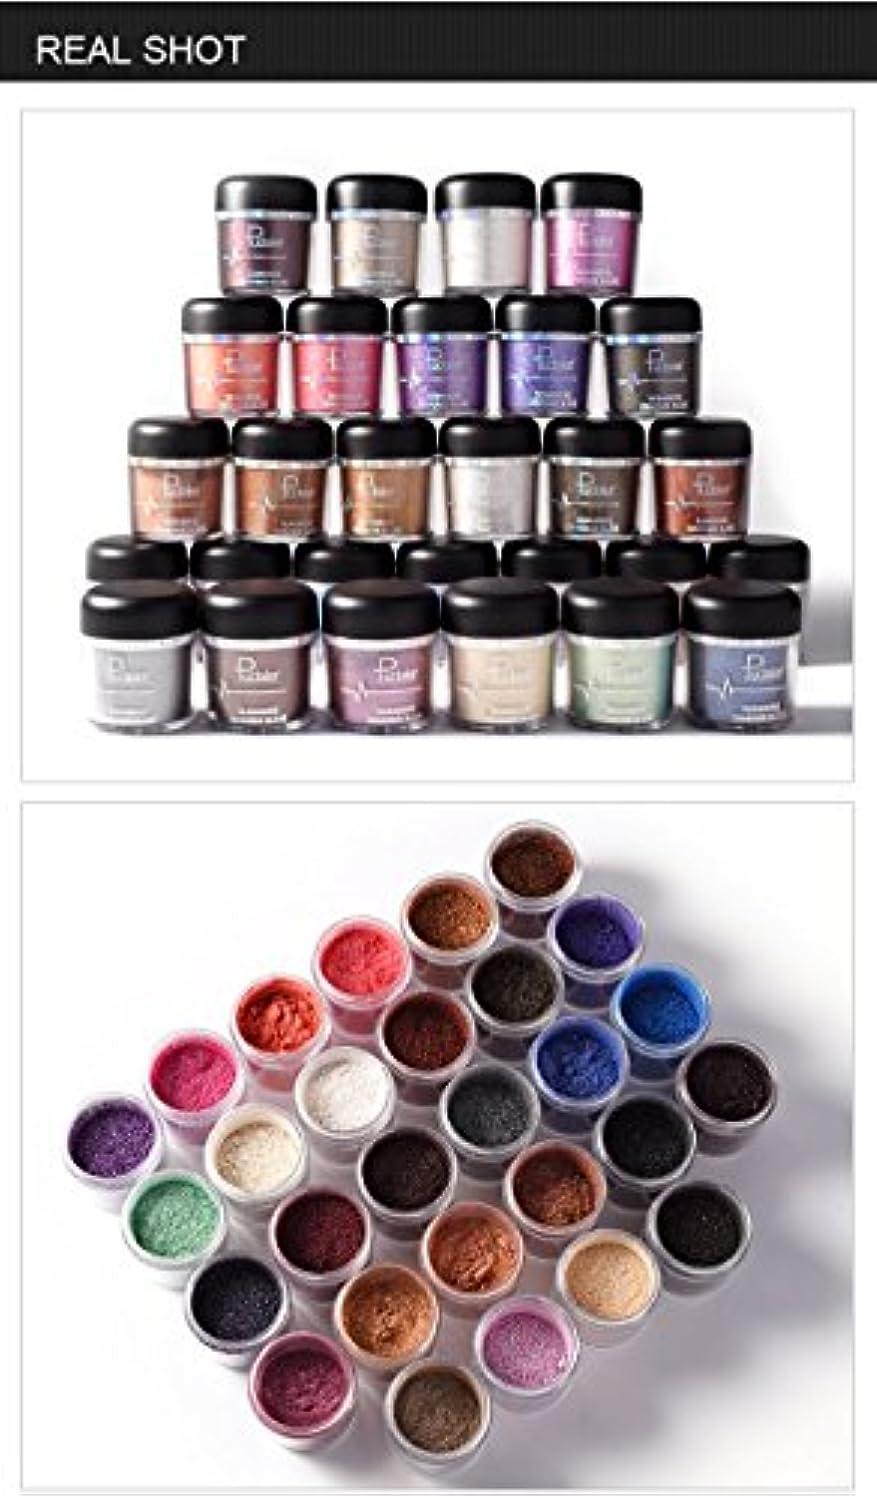 健康的他の日通行料金(#09) Glitter Powder Eyeshadow Single Metallic Color Pigments Eye Shadow Easy to Wear Waterproof Shimmer Cosmetics